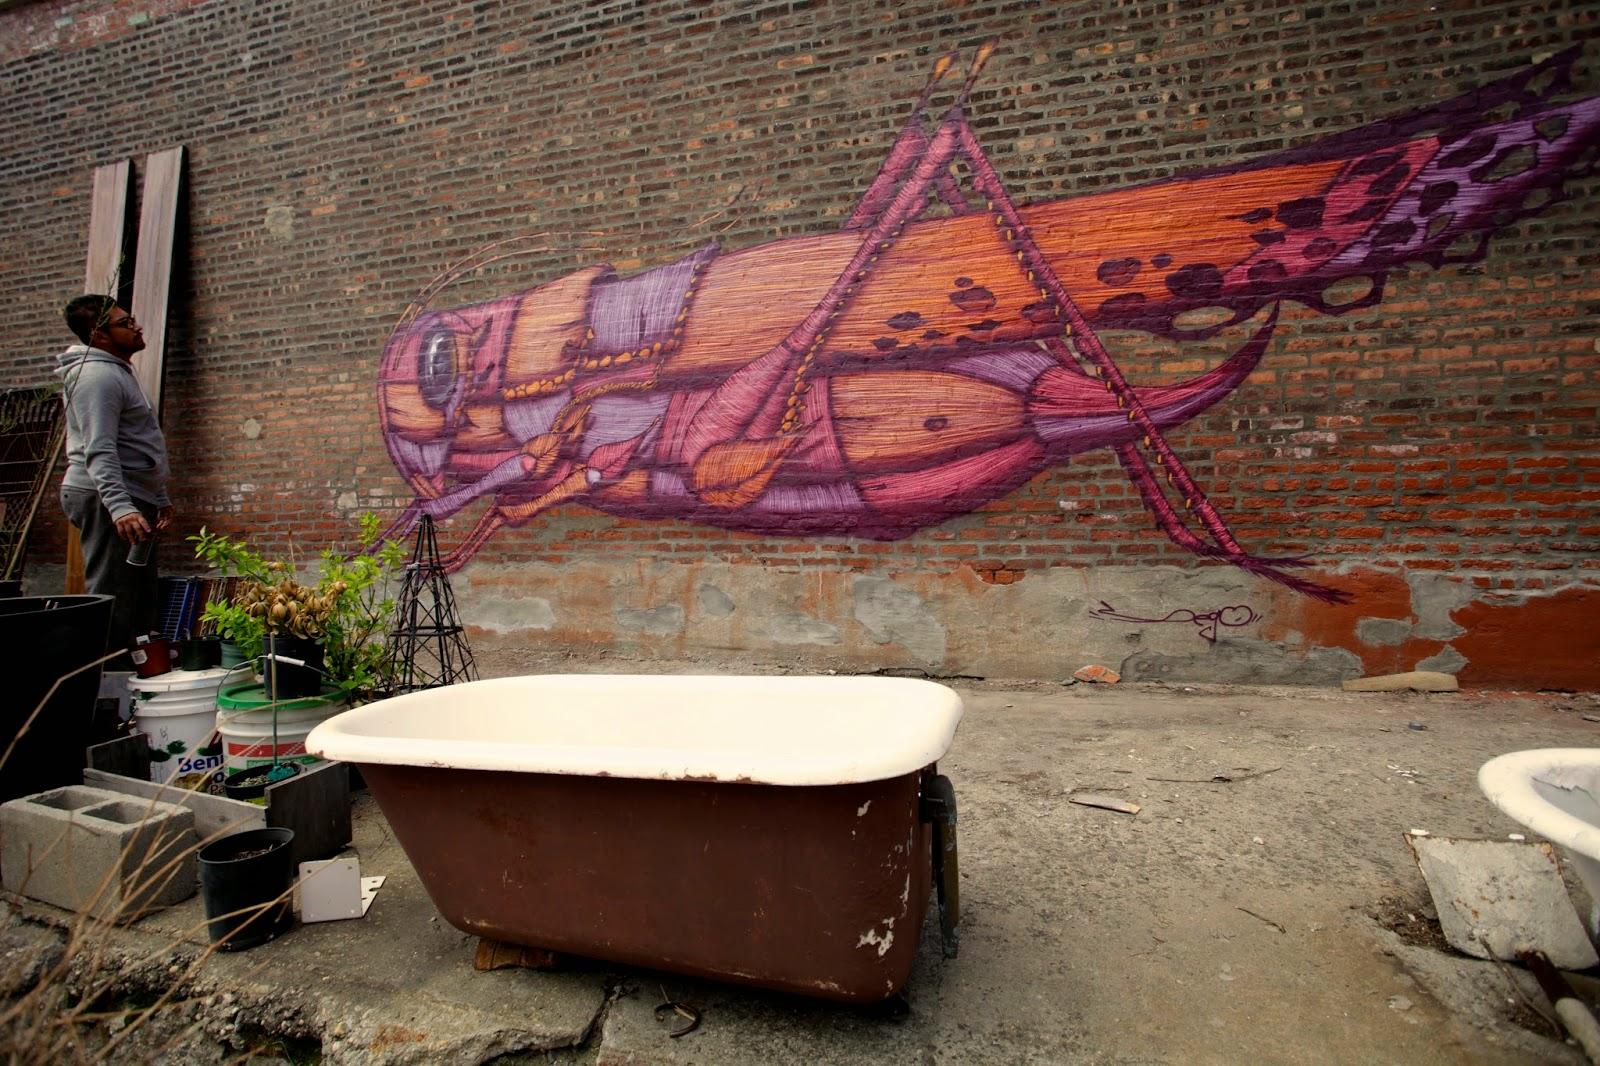 Chapulín en mural con tonos púrpuras y anaranjados